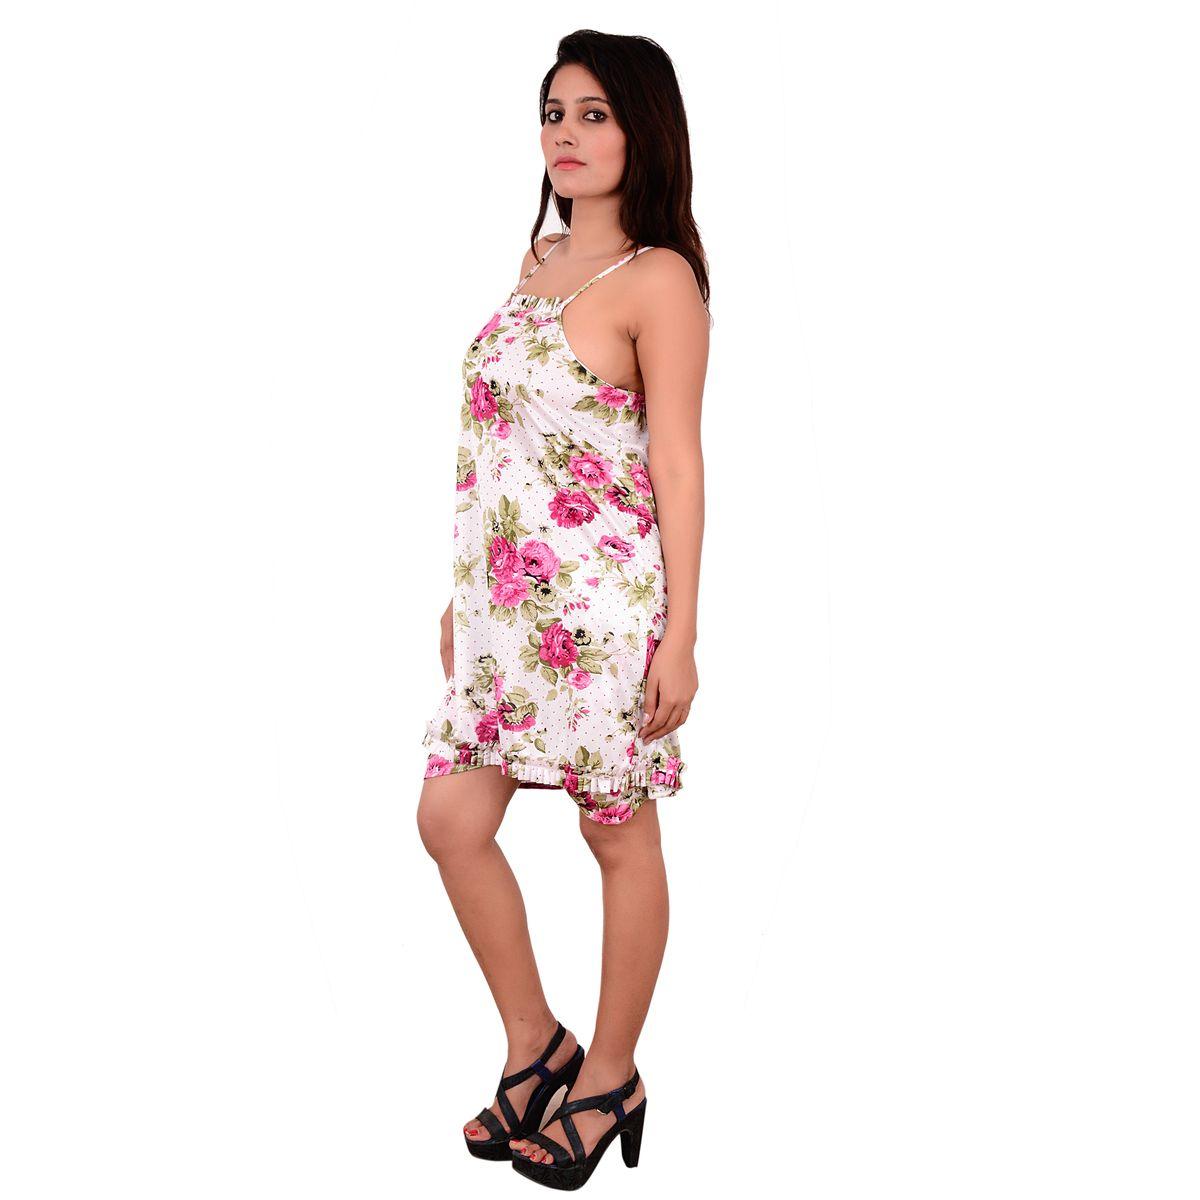 Nooraalia Women satin top  nikar white  dark pink flowers print